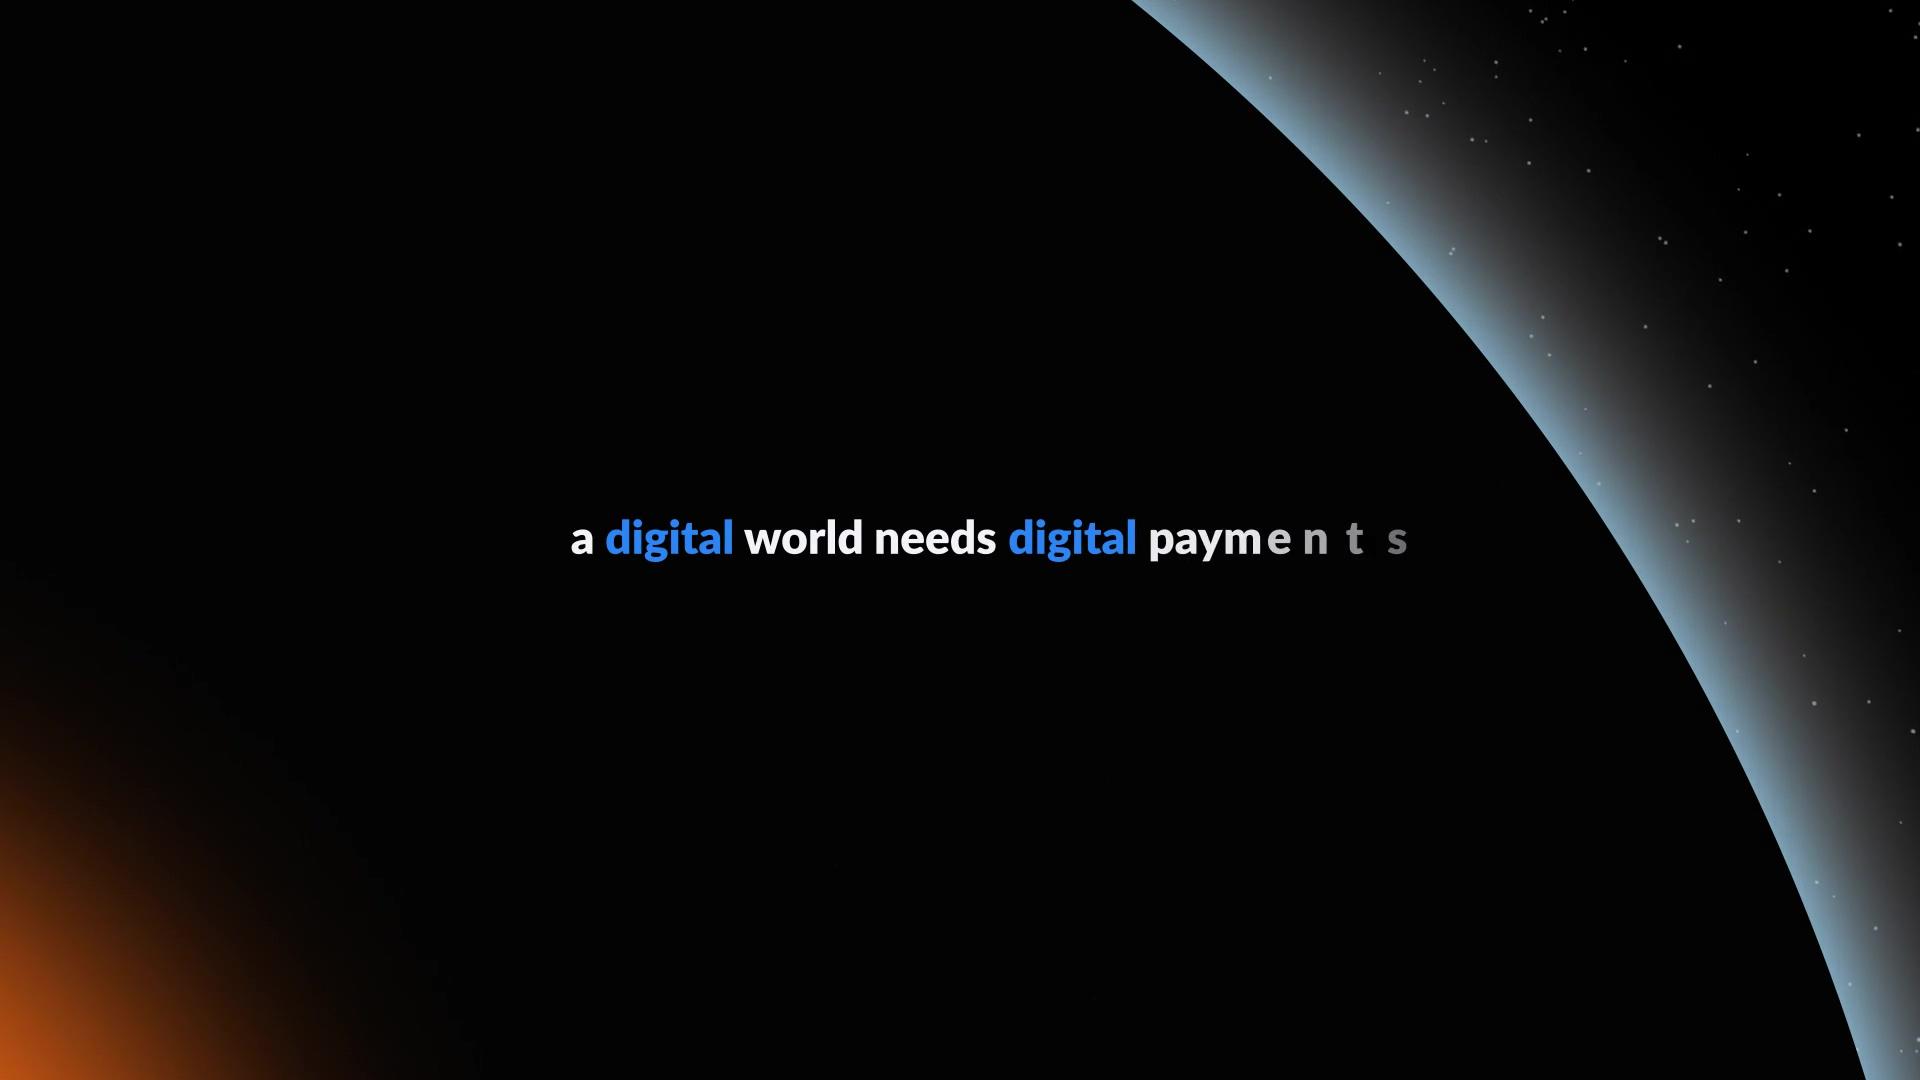 A digital world needs digital payments